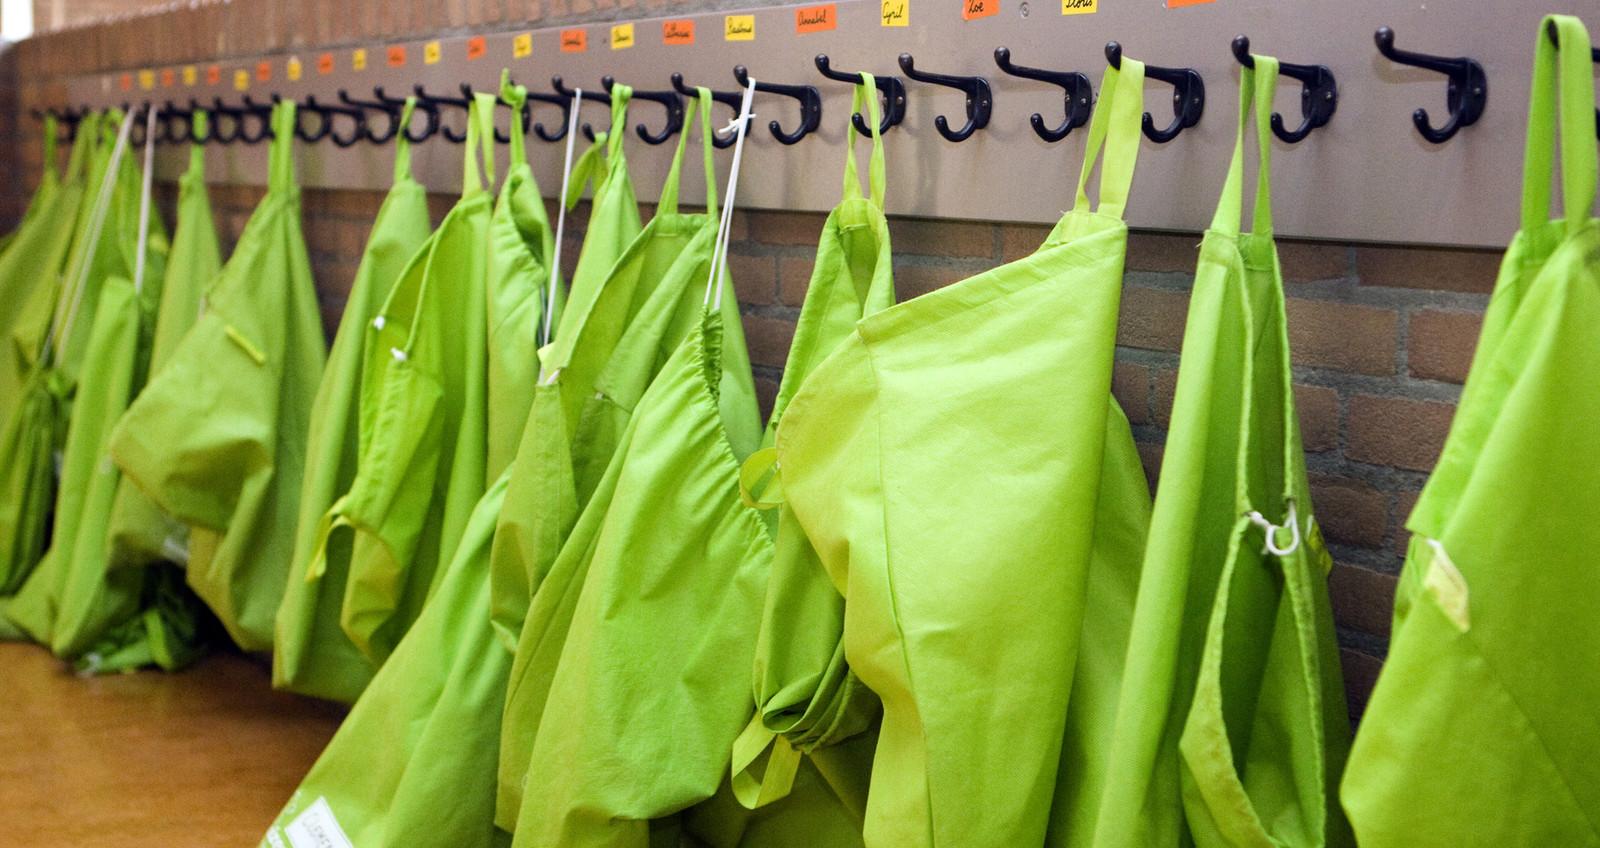 Luizenzakken aan de kapstok van een basisschool. De kinderen moeten hier hun jassen in doen tijdens de les om verspreiding van hoofdluis te voorkomen.